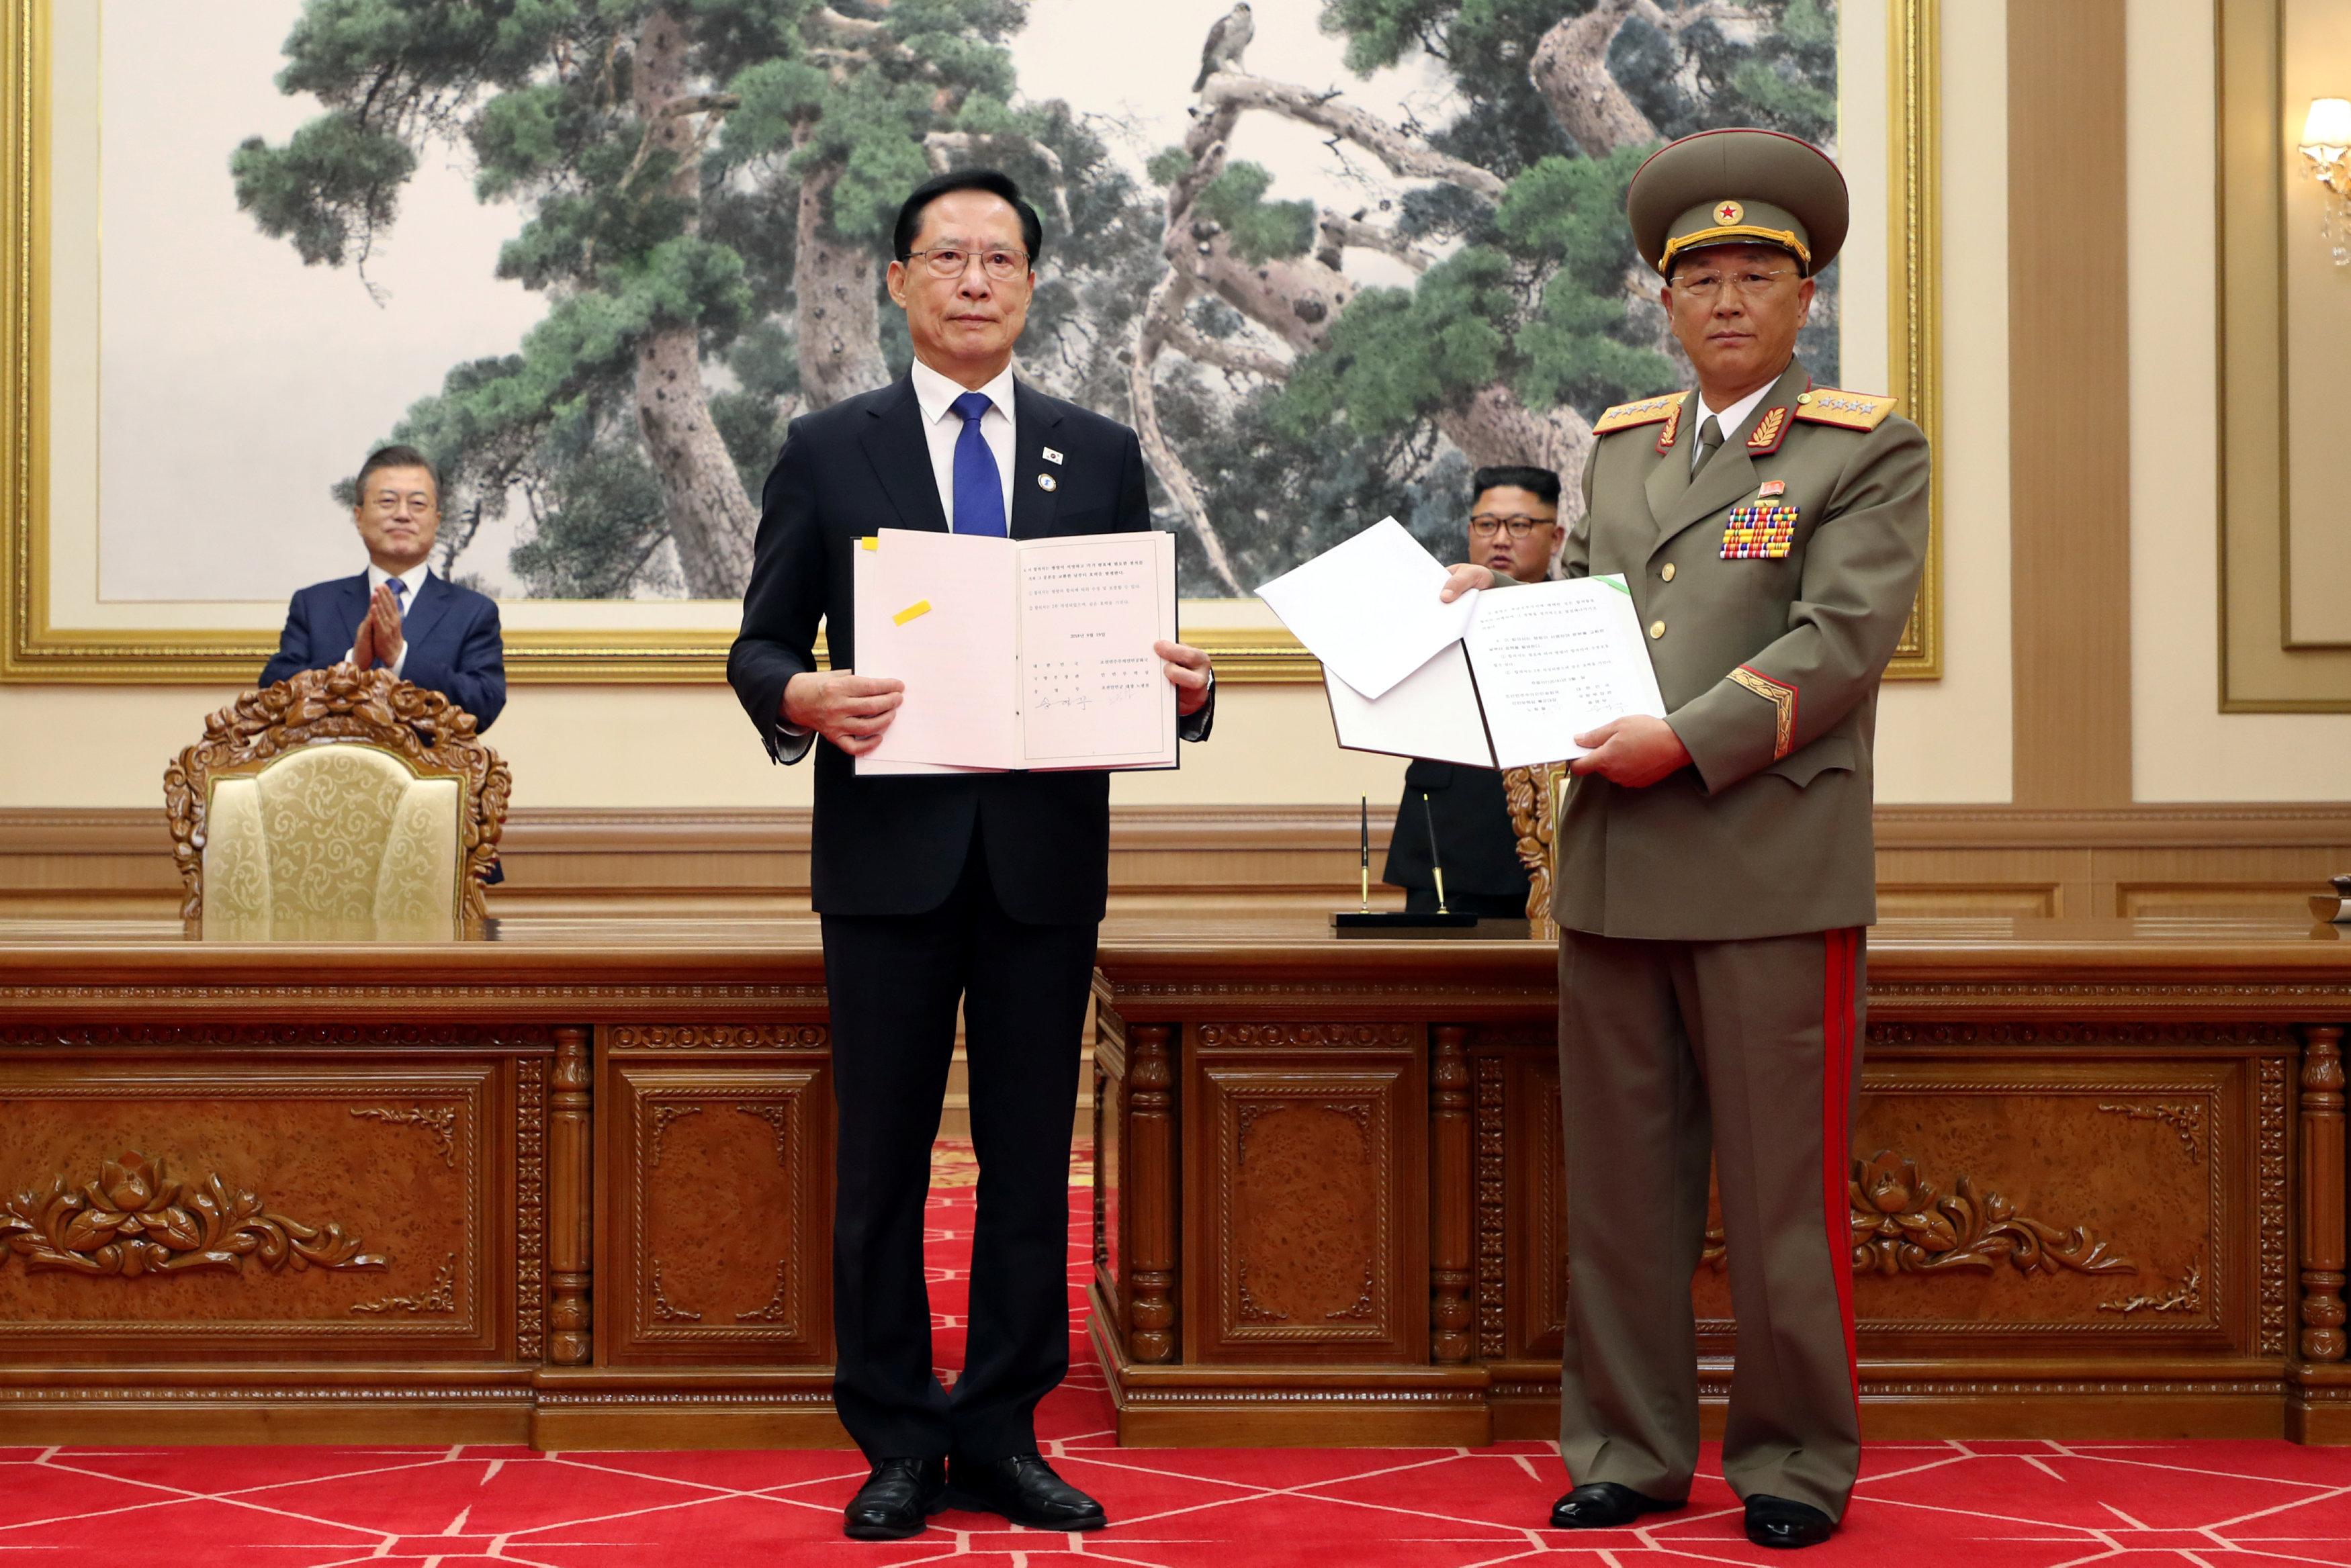 وزيرا دفاع البلدين بعد التوقيع على اتفاقية لوقف المناورات العسكرية على الحدود